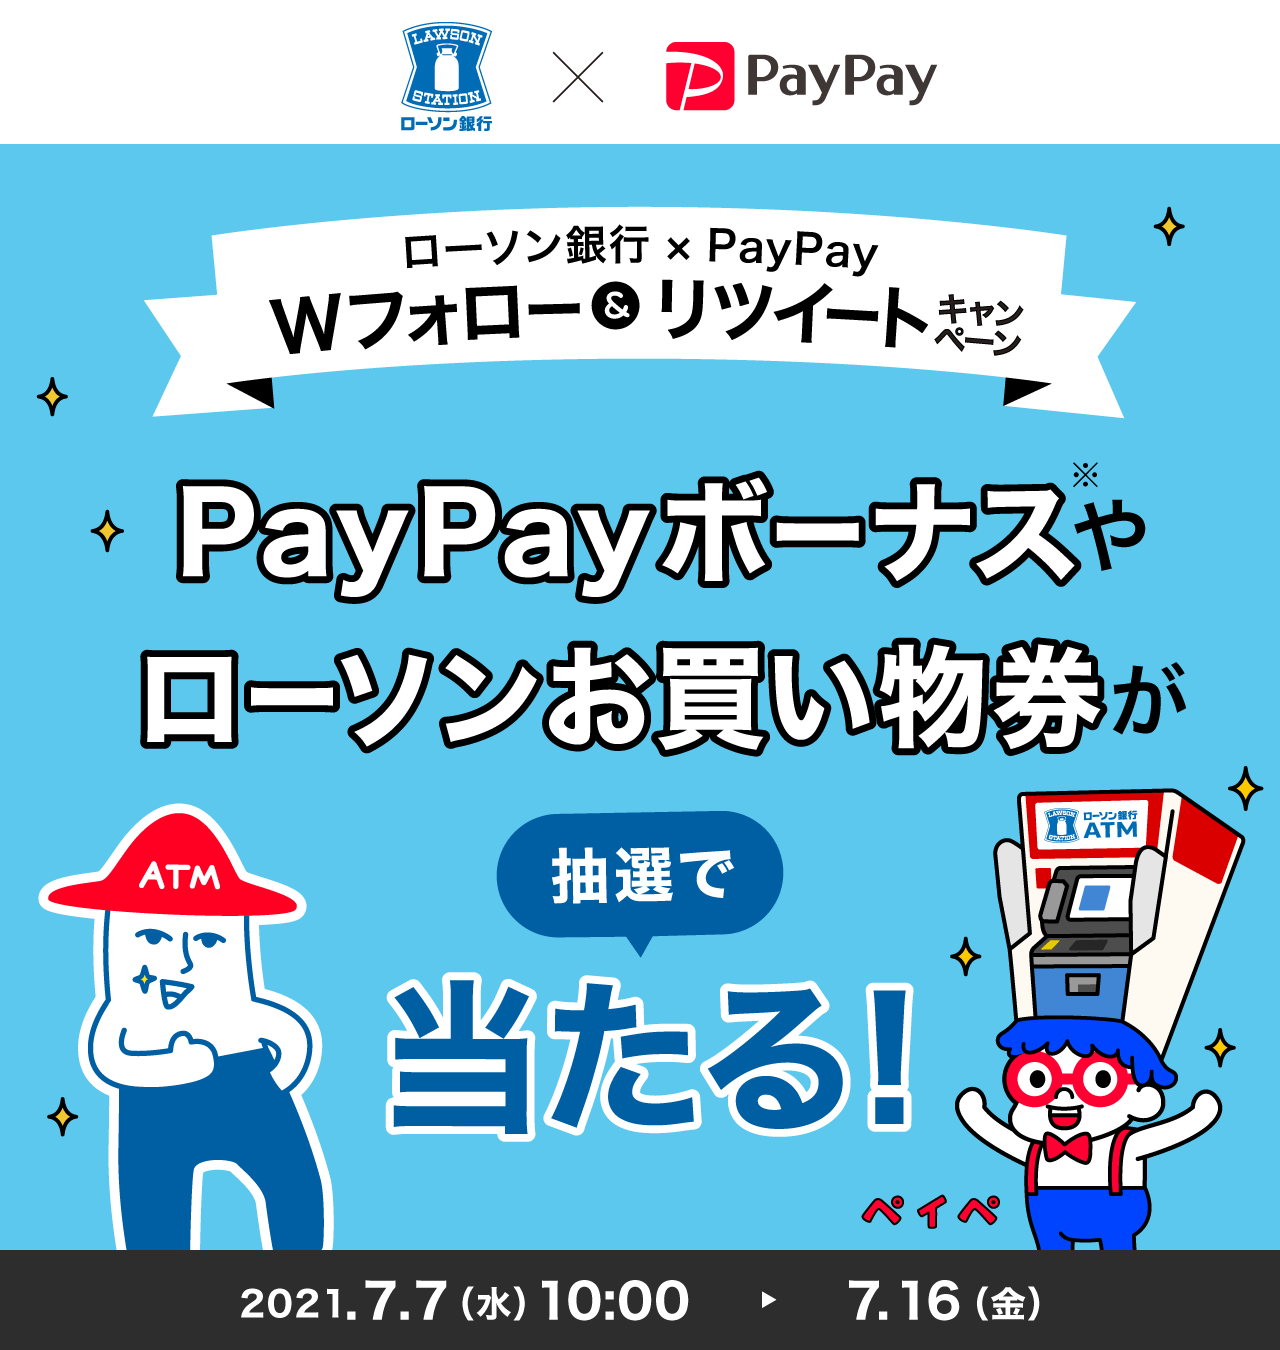 ローソン銀行×PayPay Wフォロー&リツイートキャンペーン PayPayボーナスやローソンお買い物券が抽選で当たる!